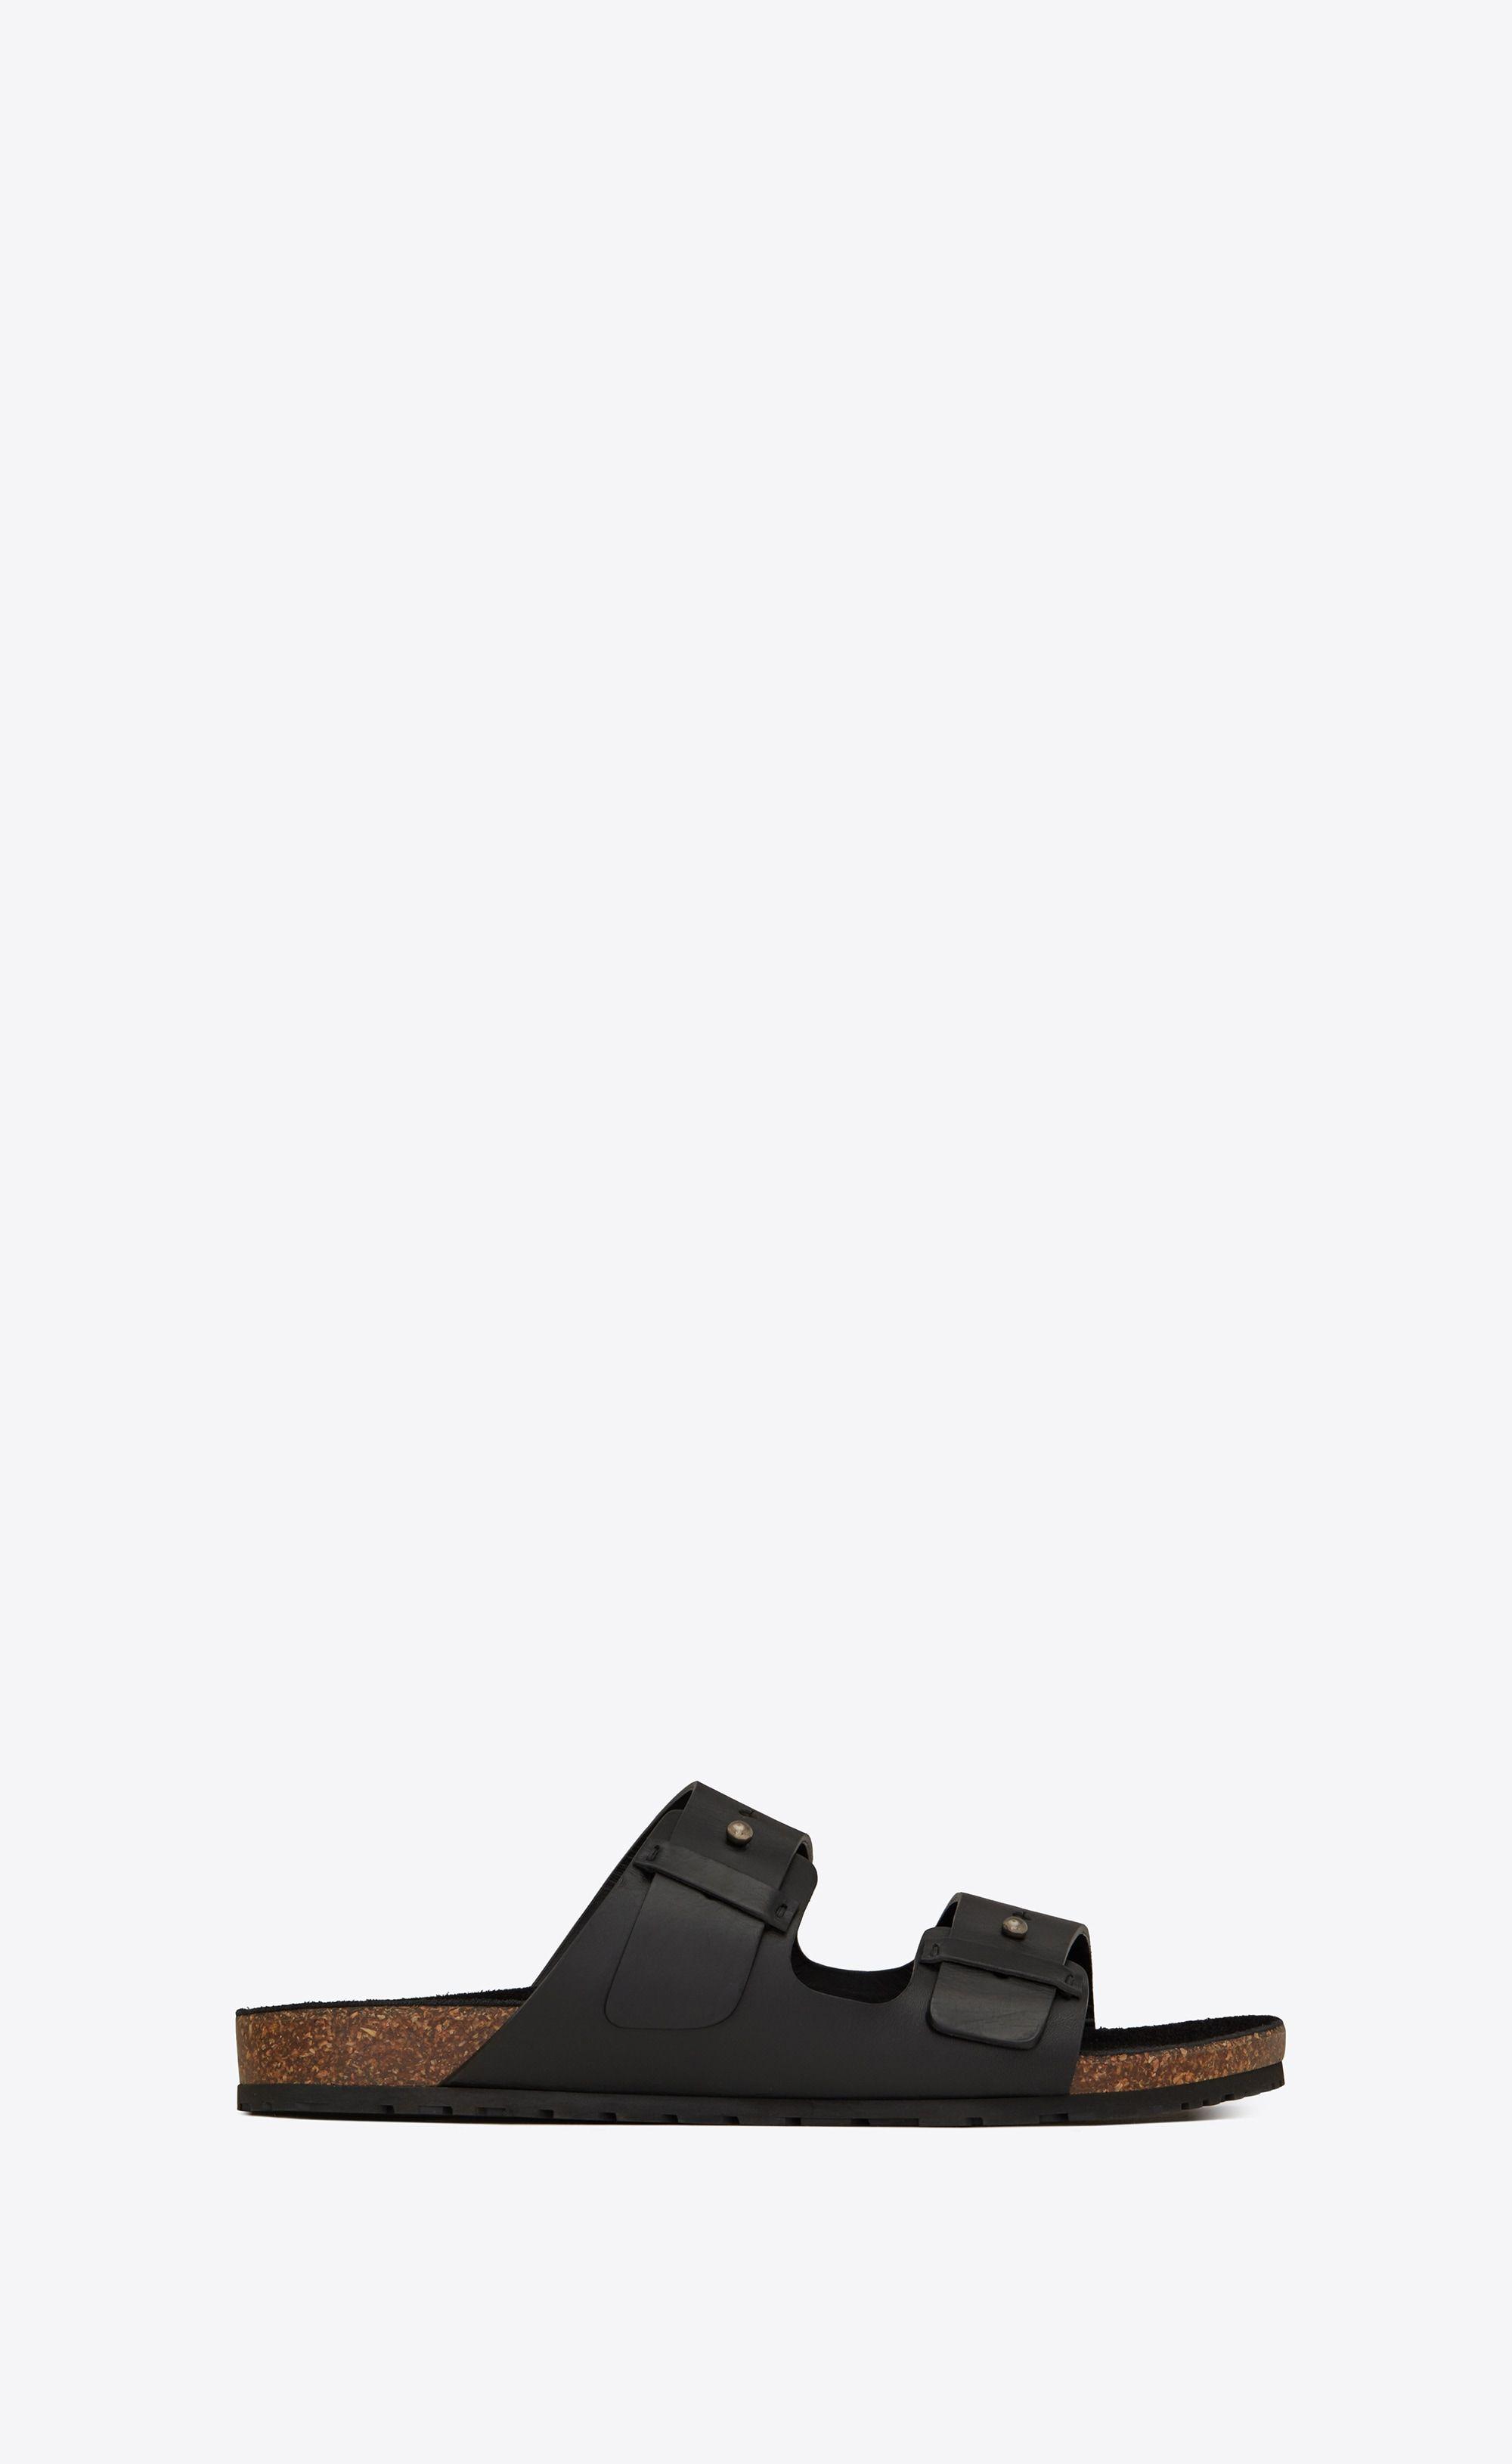 113377b34de3  Saint Laurent Jimmy Sandal With Leather Strap